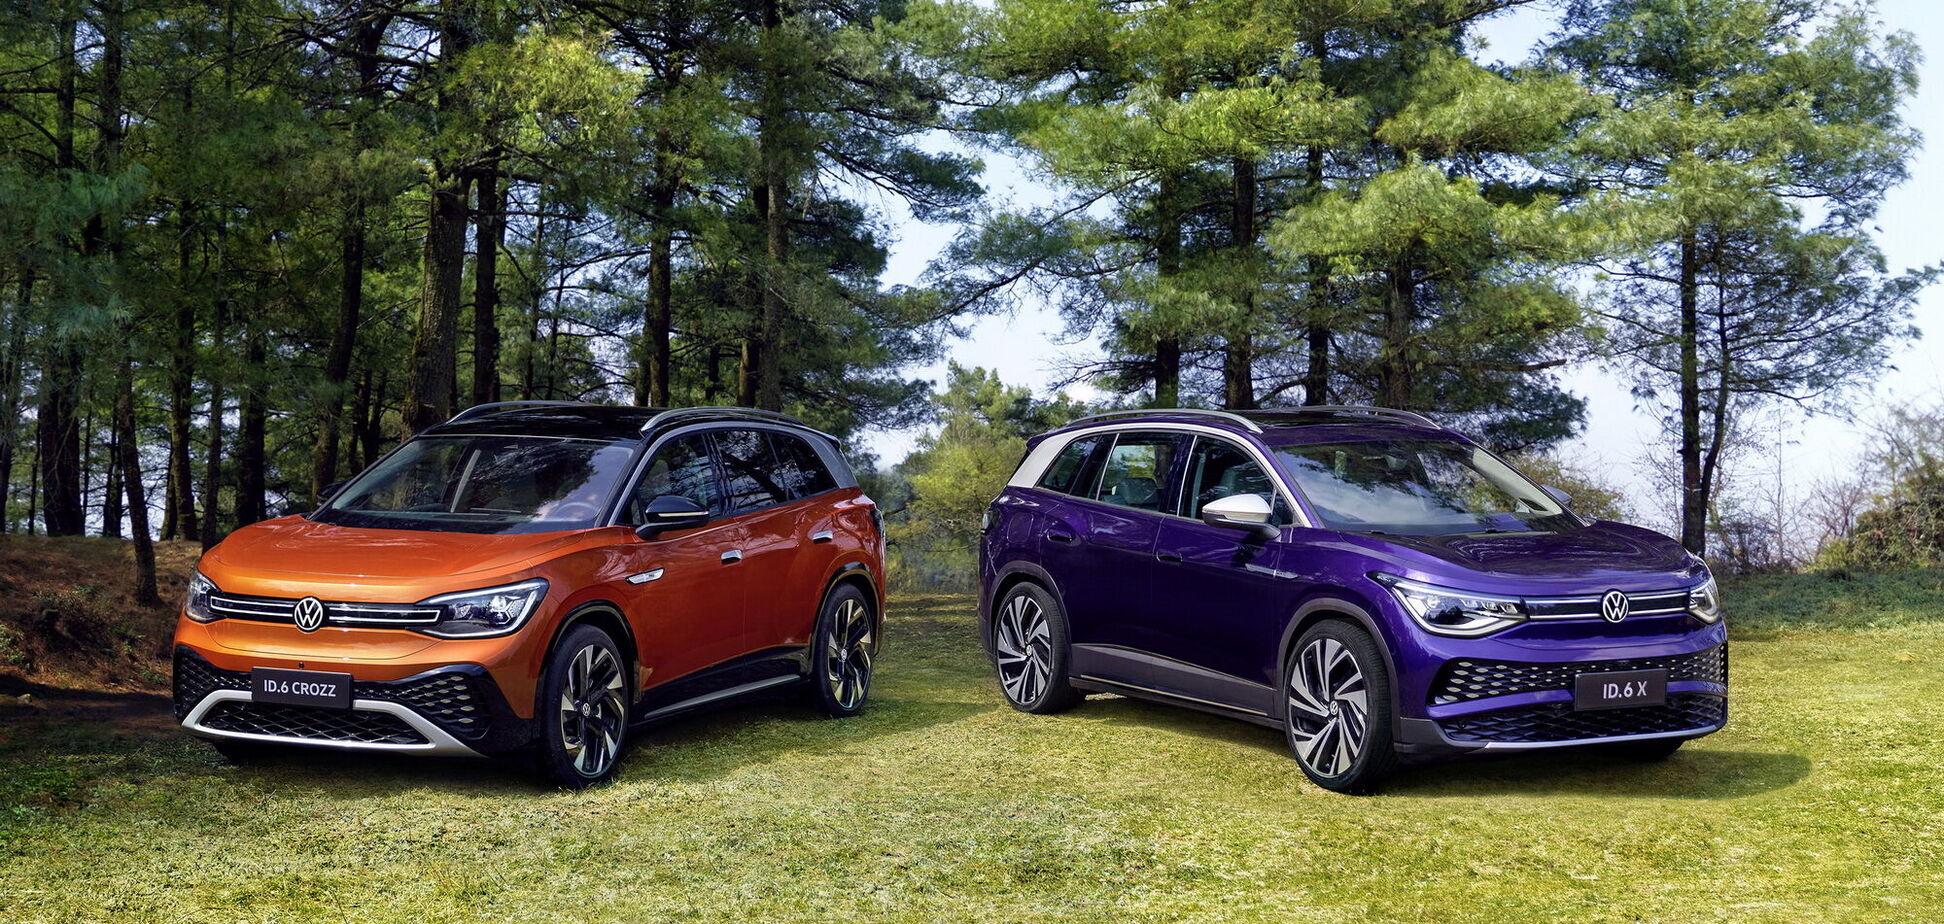 Большой электрокросс Volkswagen ID.6 представили в двух 'лицах'